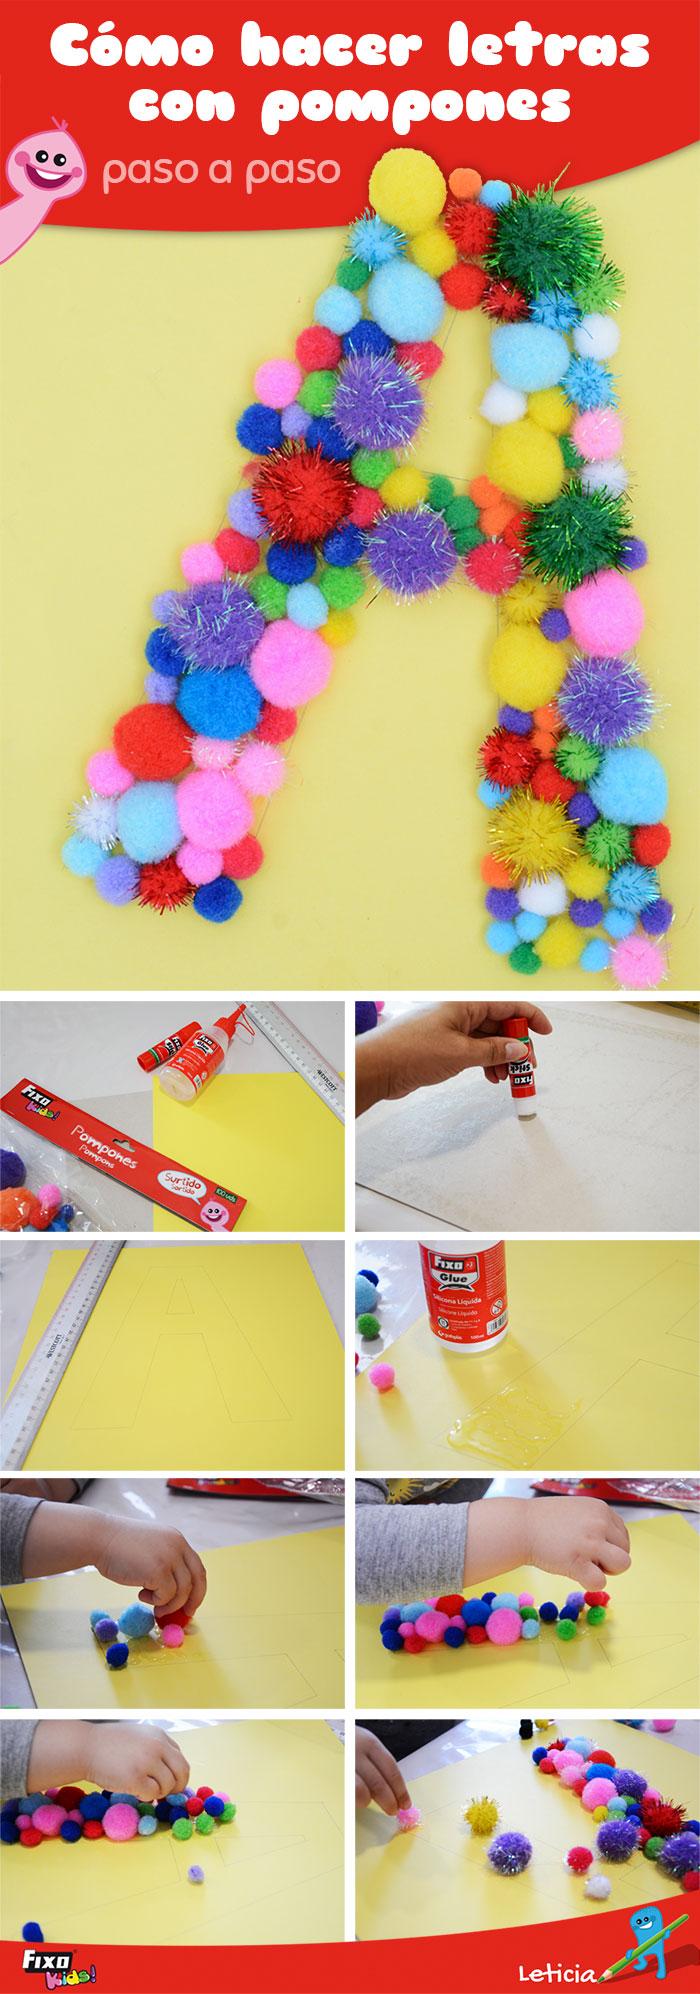 Como-hacer-letras-con-pompones